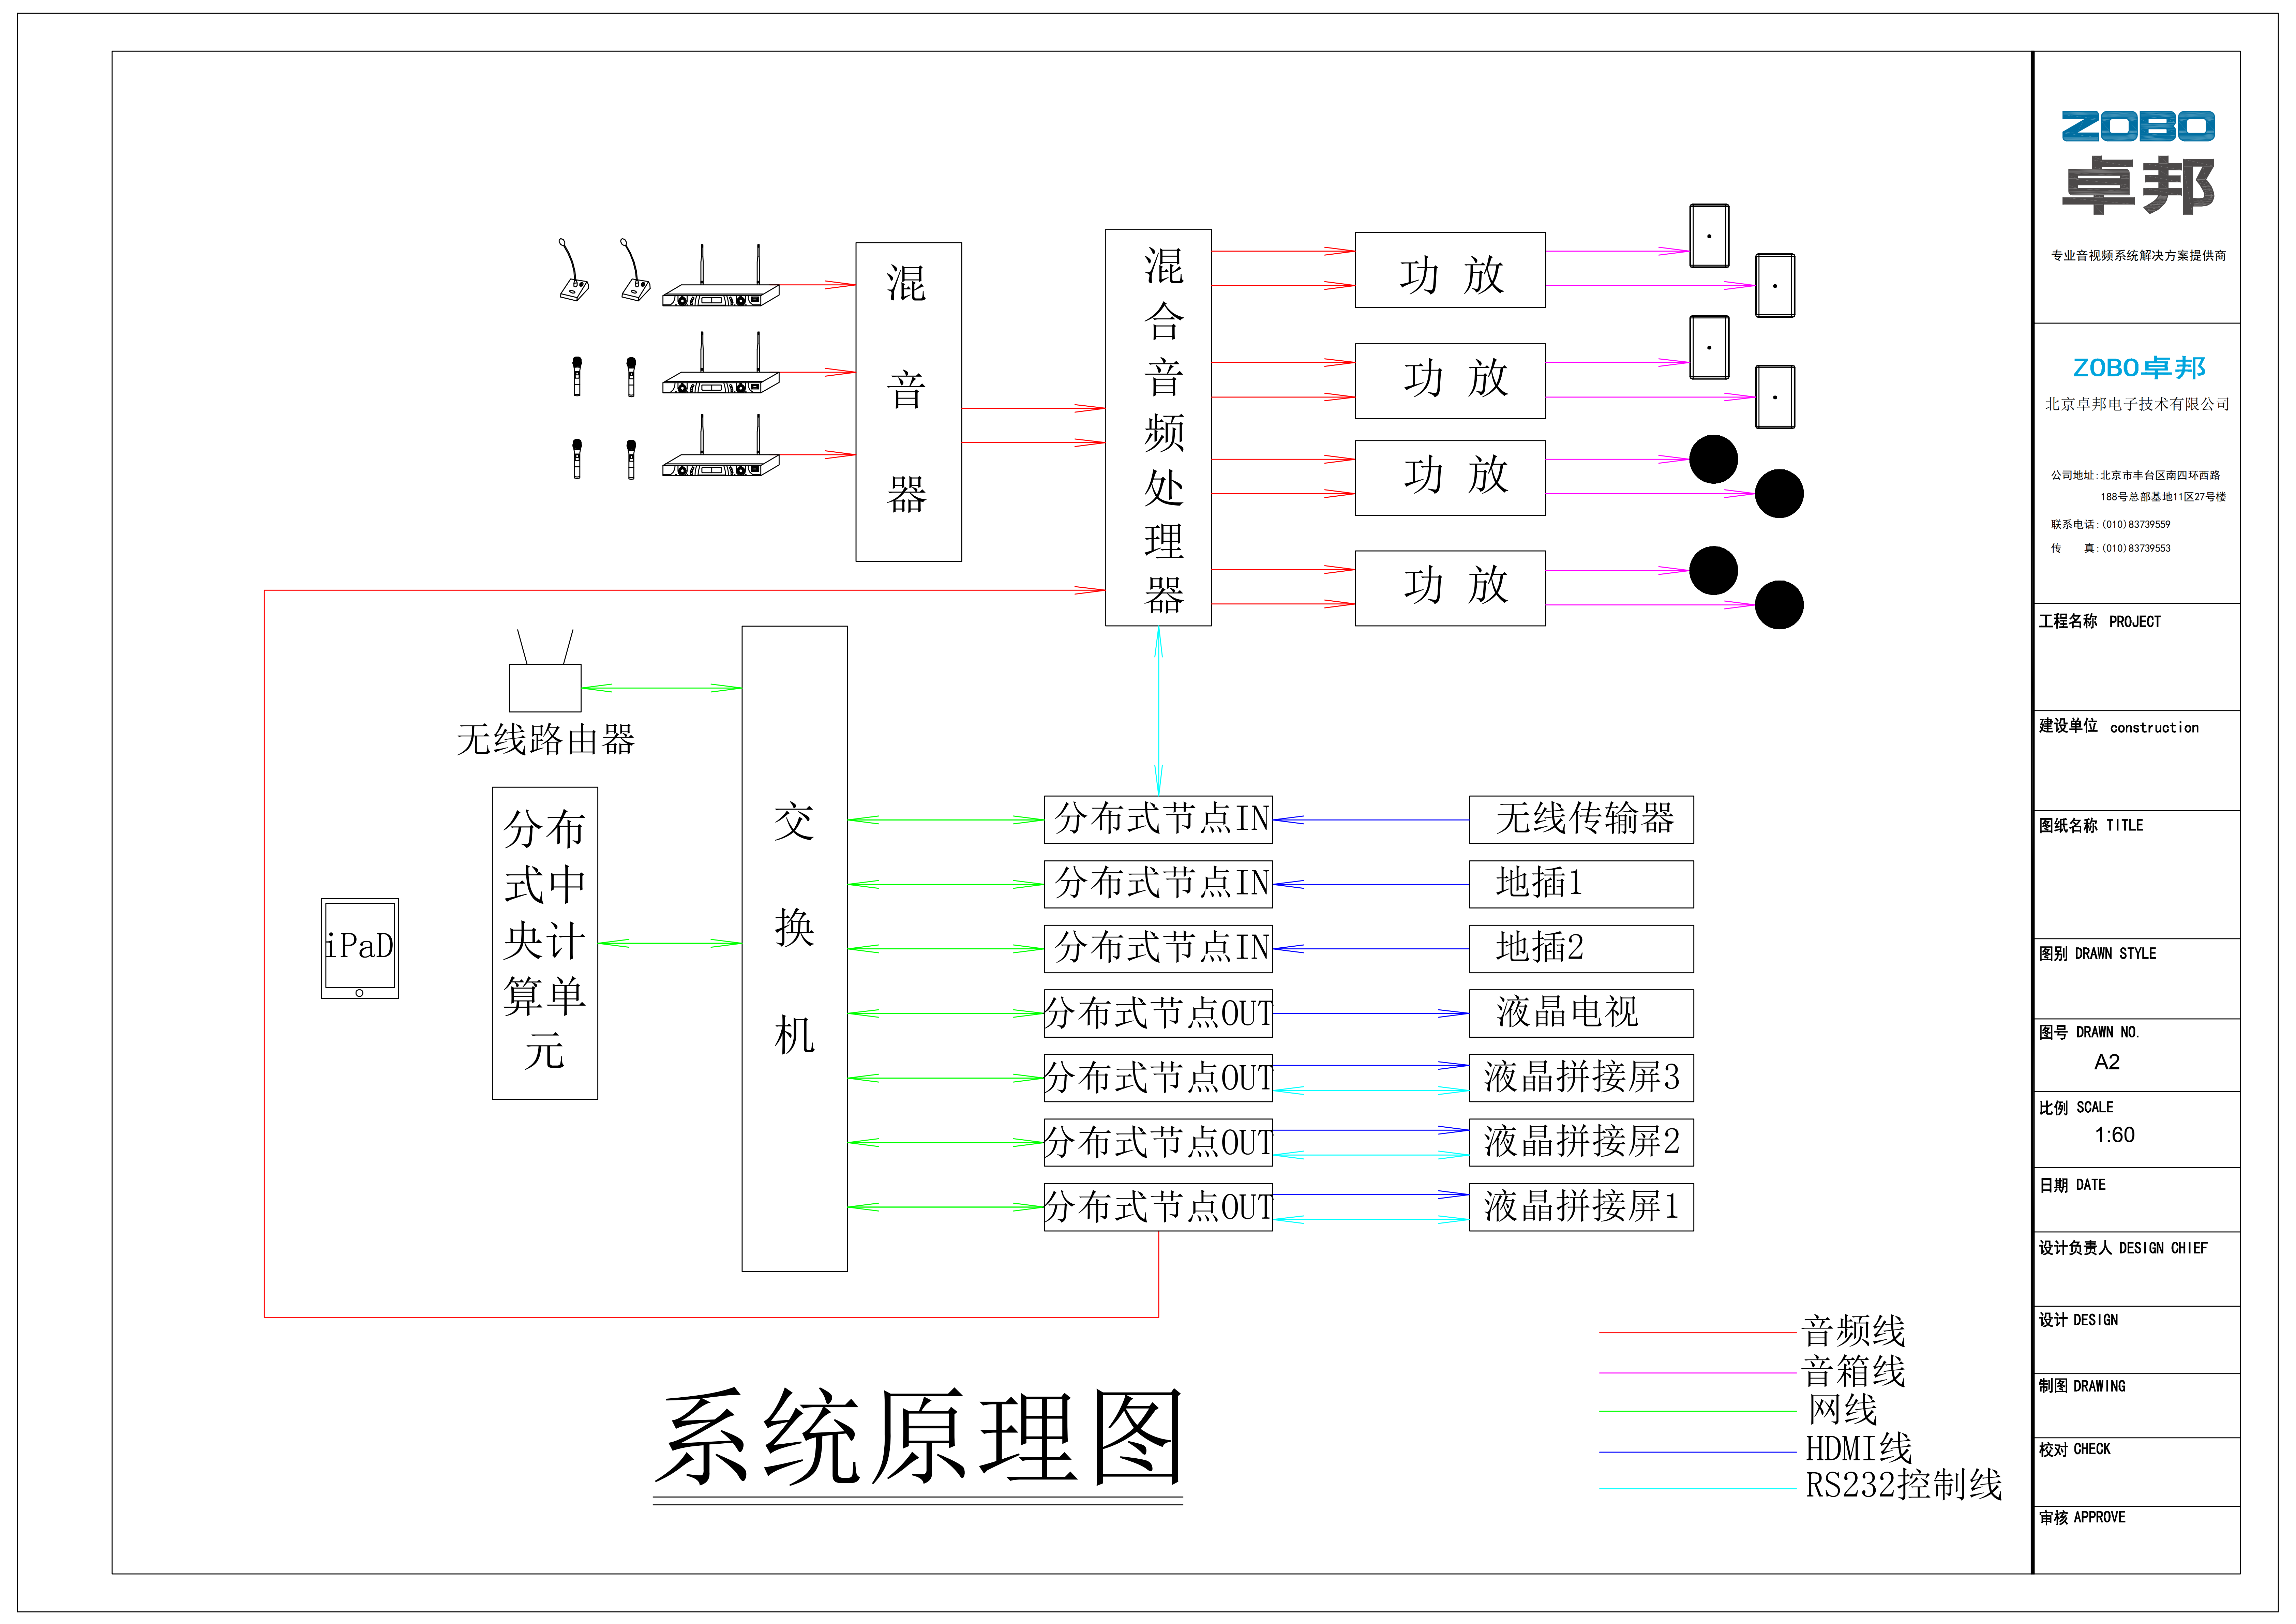 20181023管线图 Model (1)_00